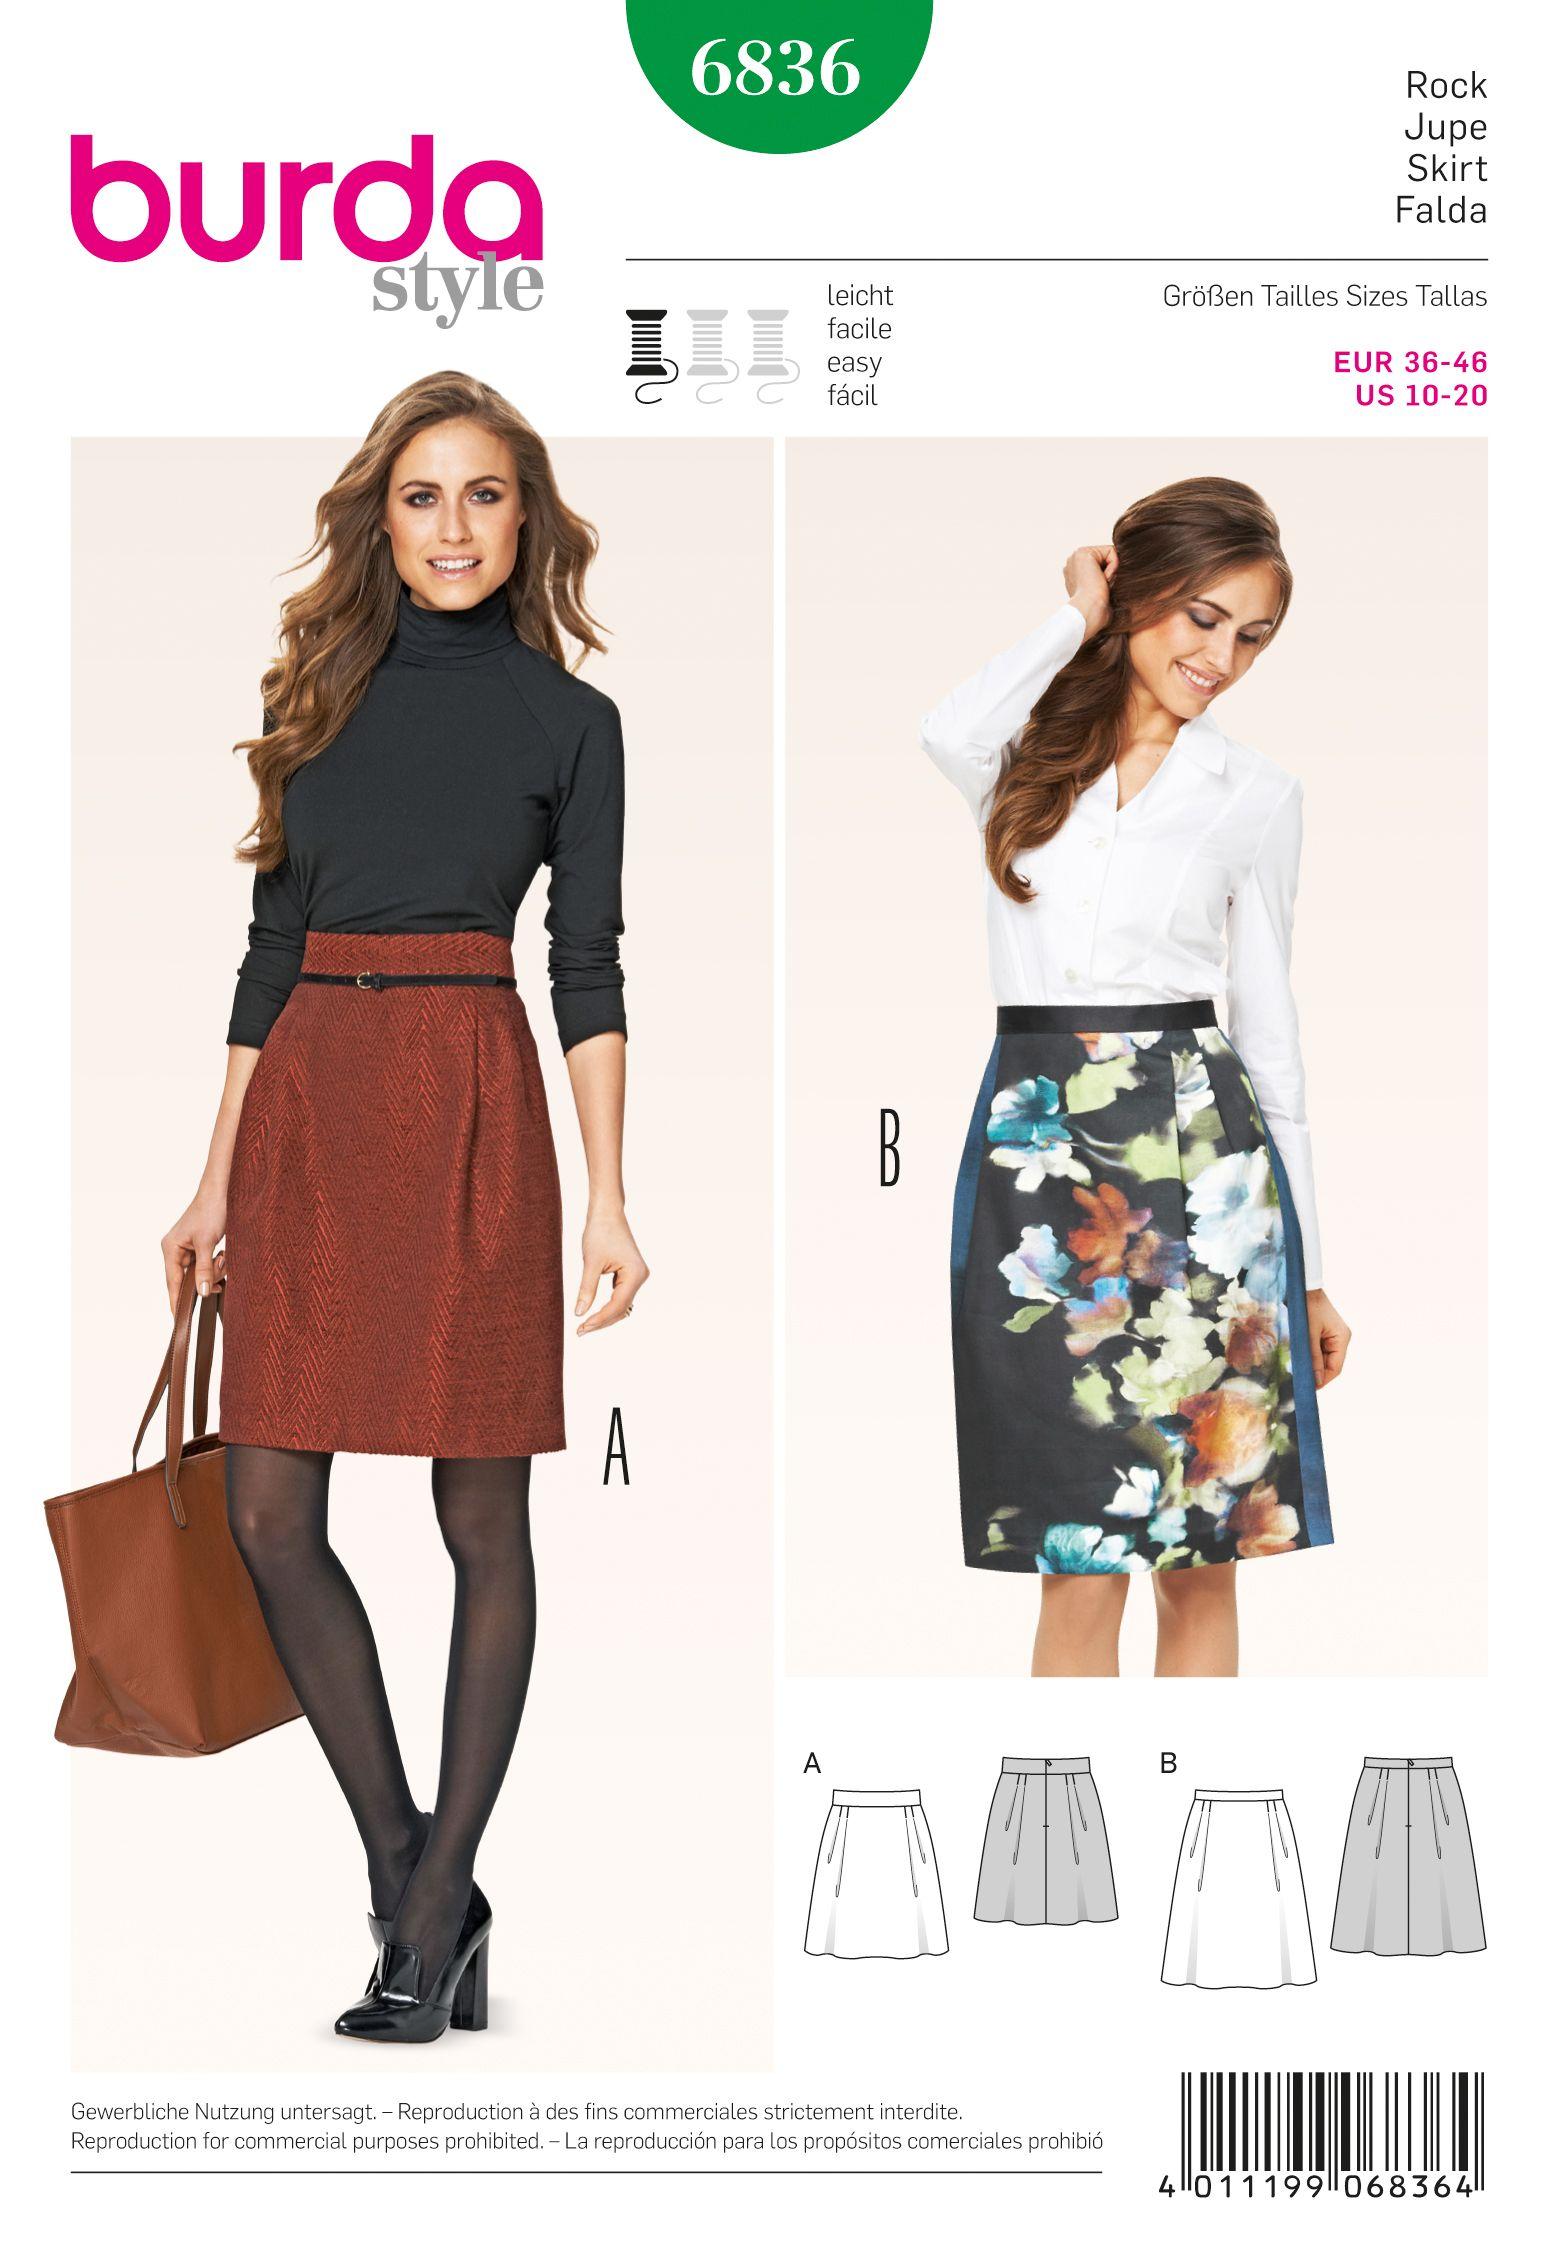 Burda 6836 Skirts | Schnittmuster